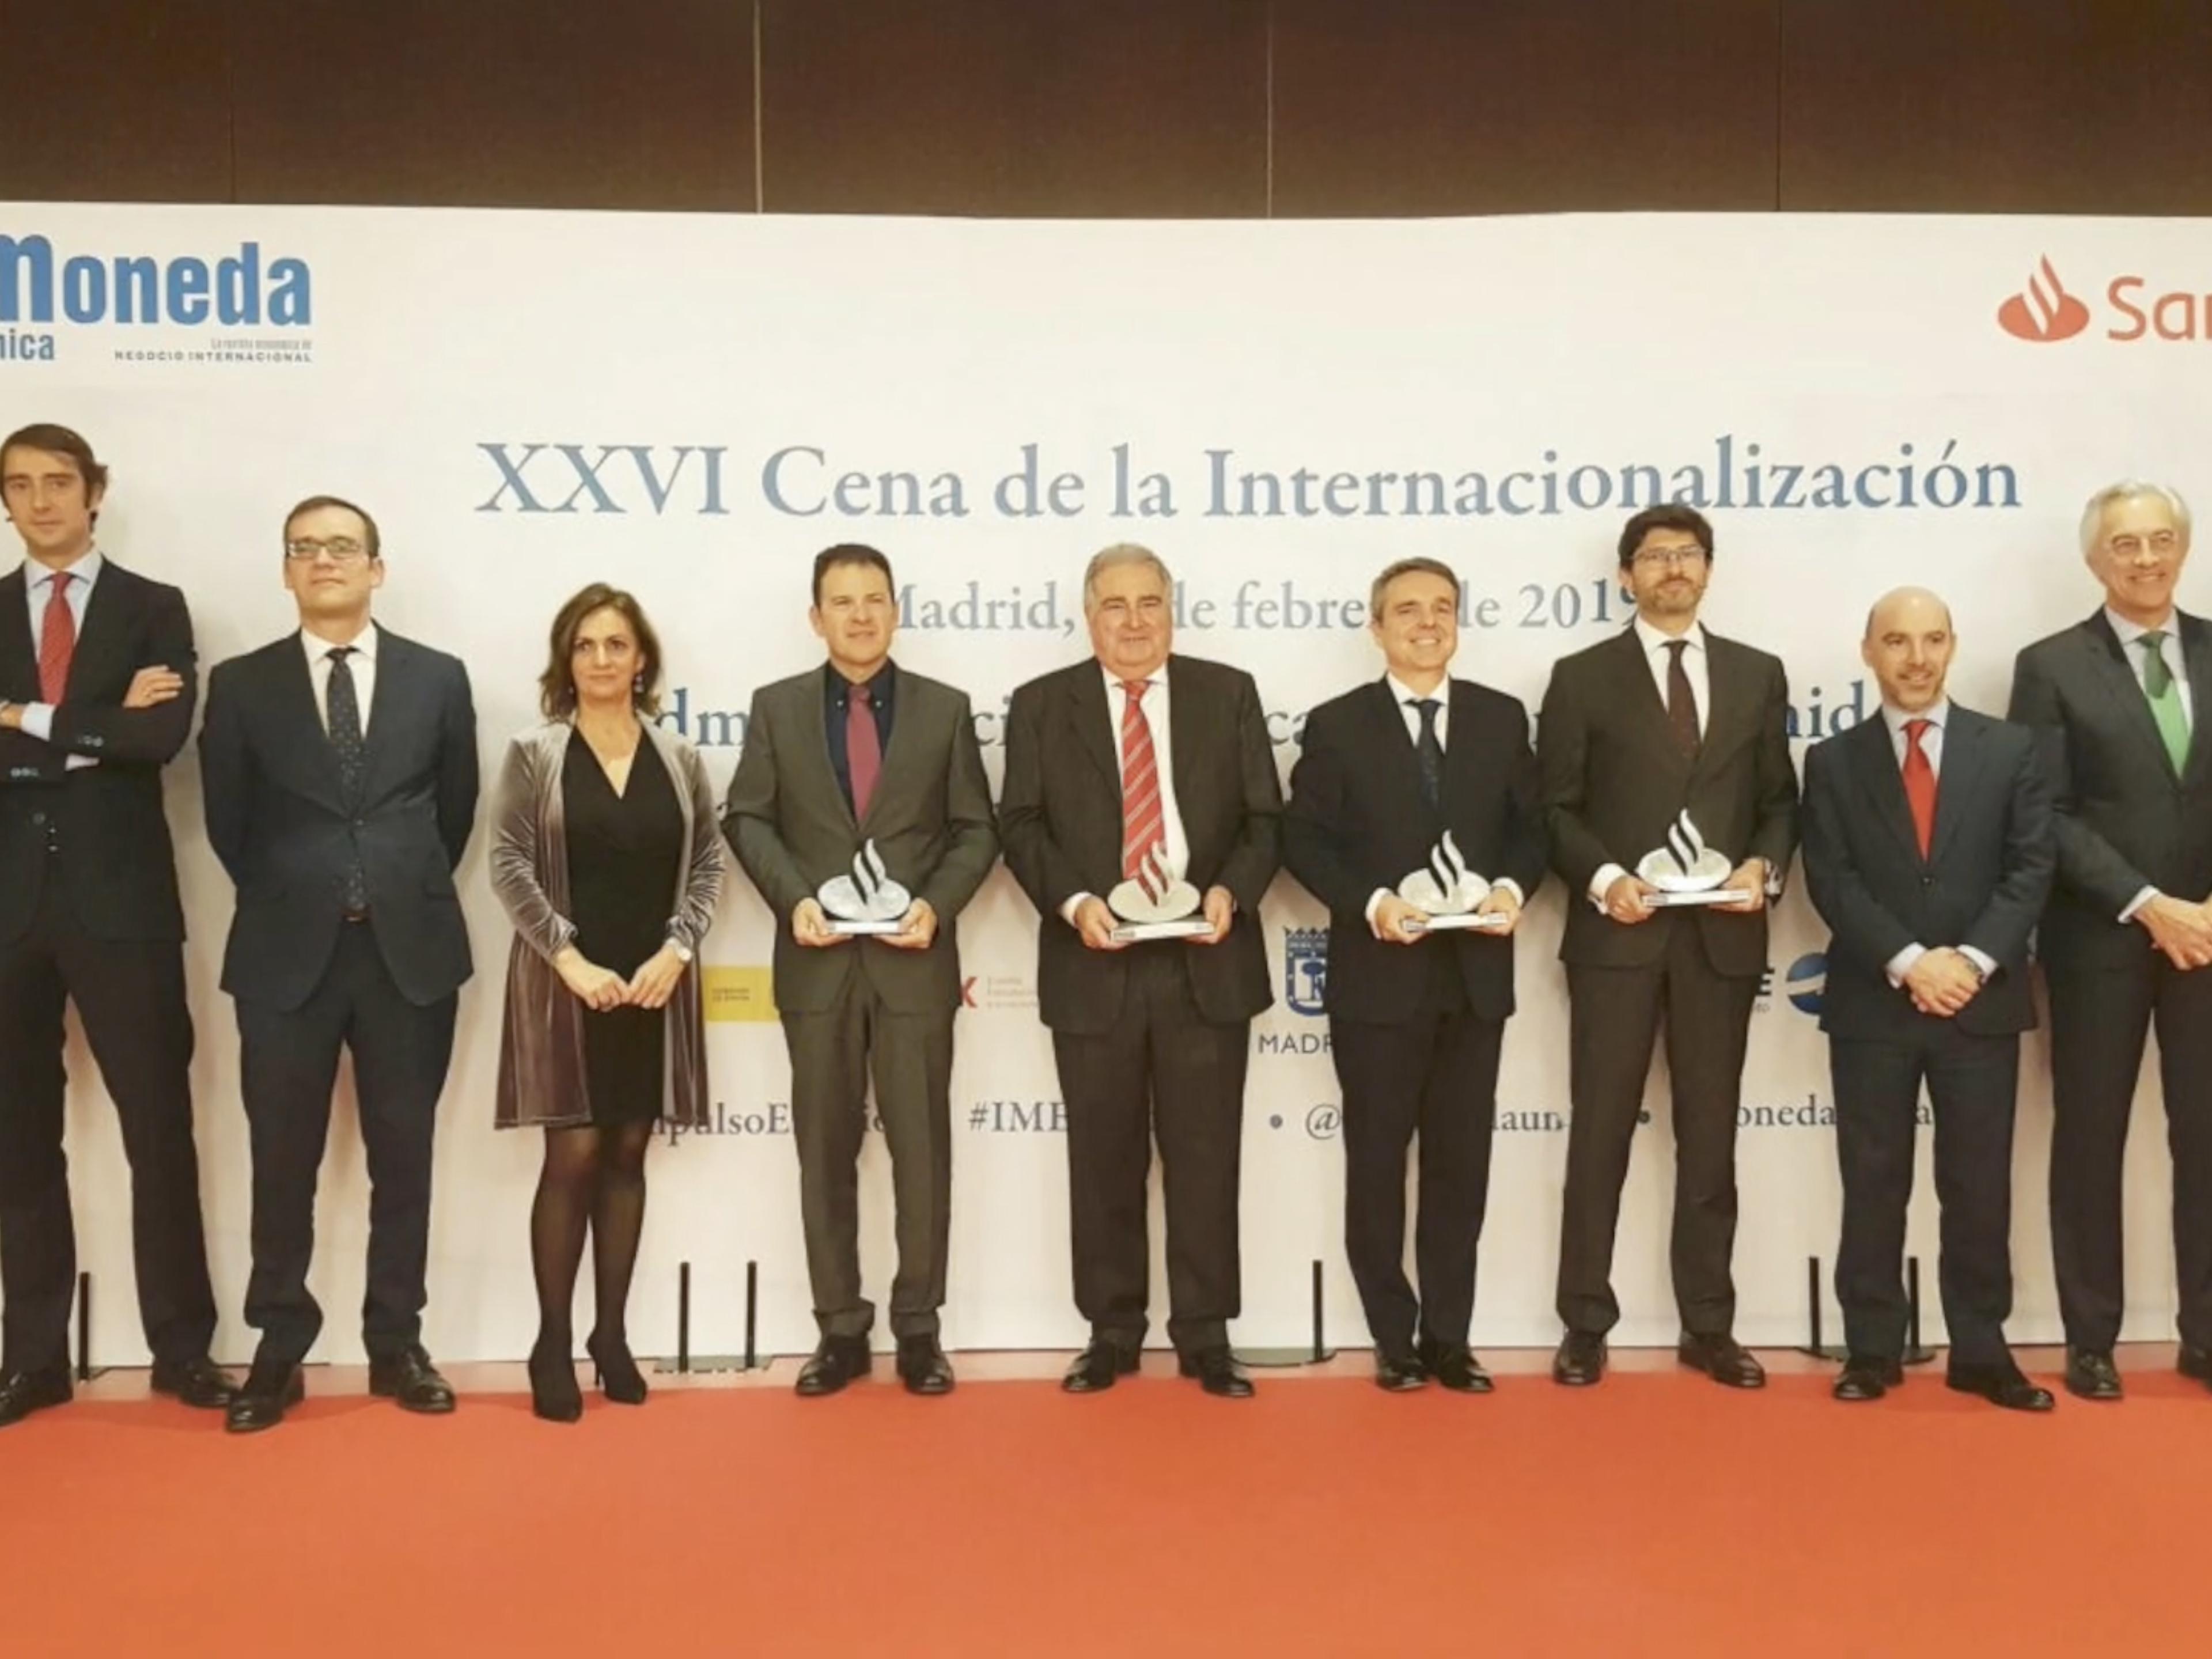 XXVI Cena de la Internacionalización